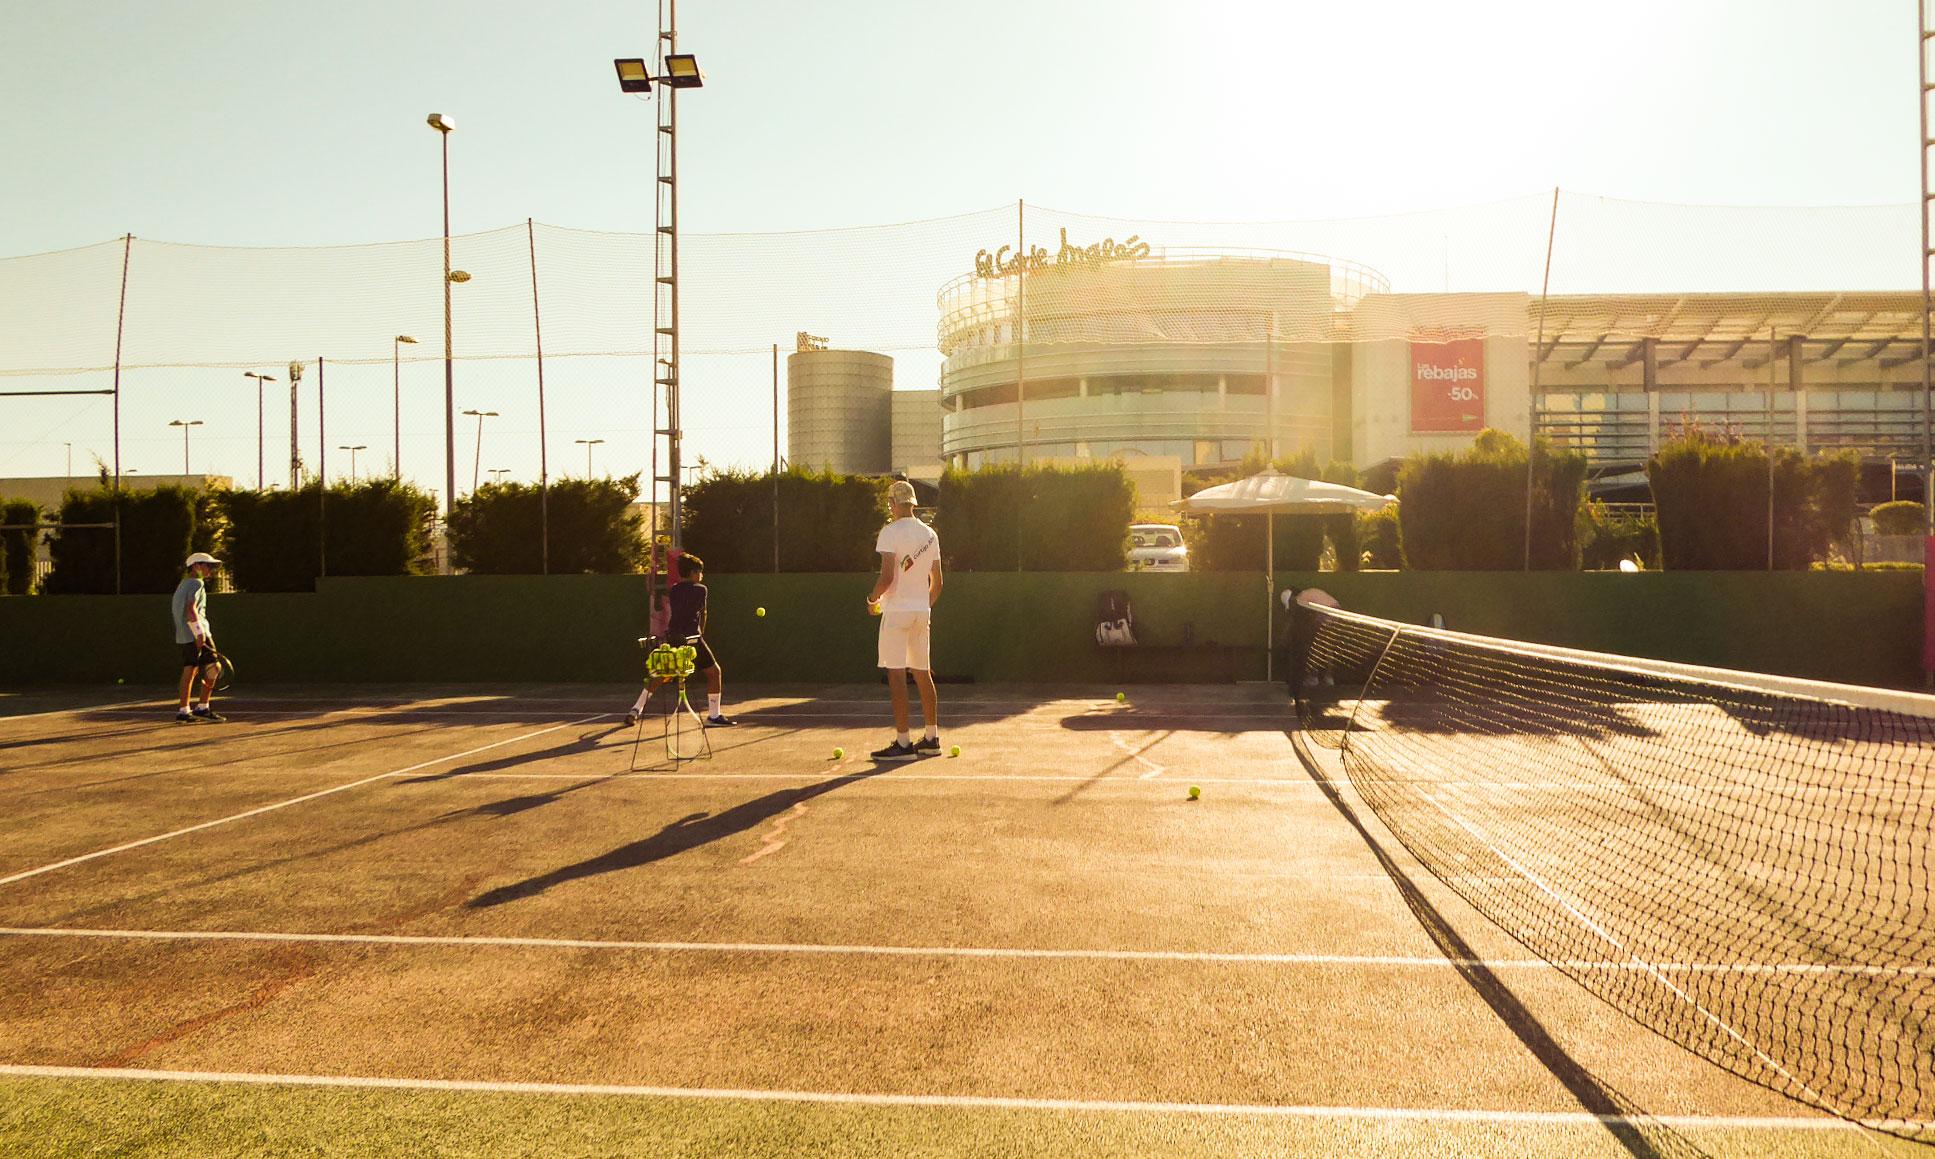 Fotografía de participantes de Liga de escuela de tenis